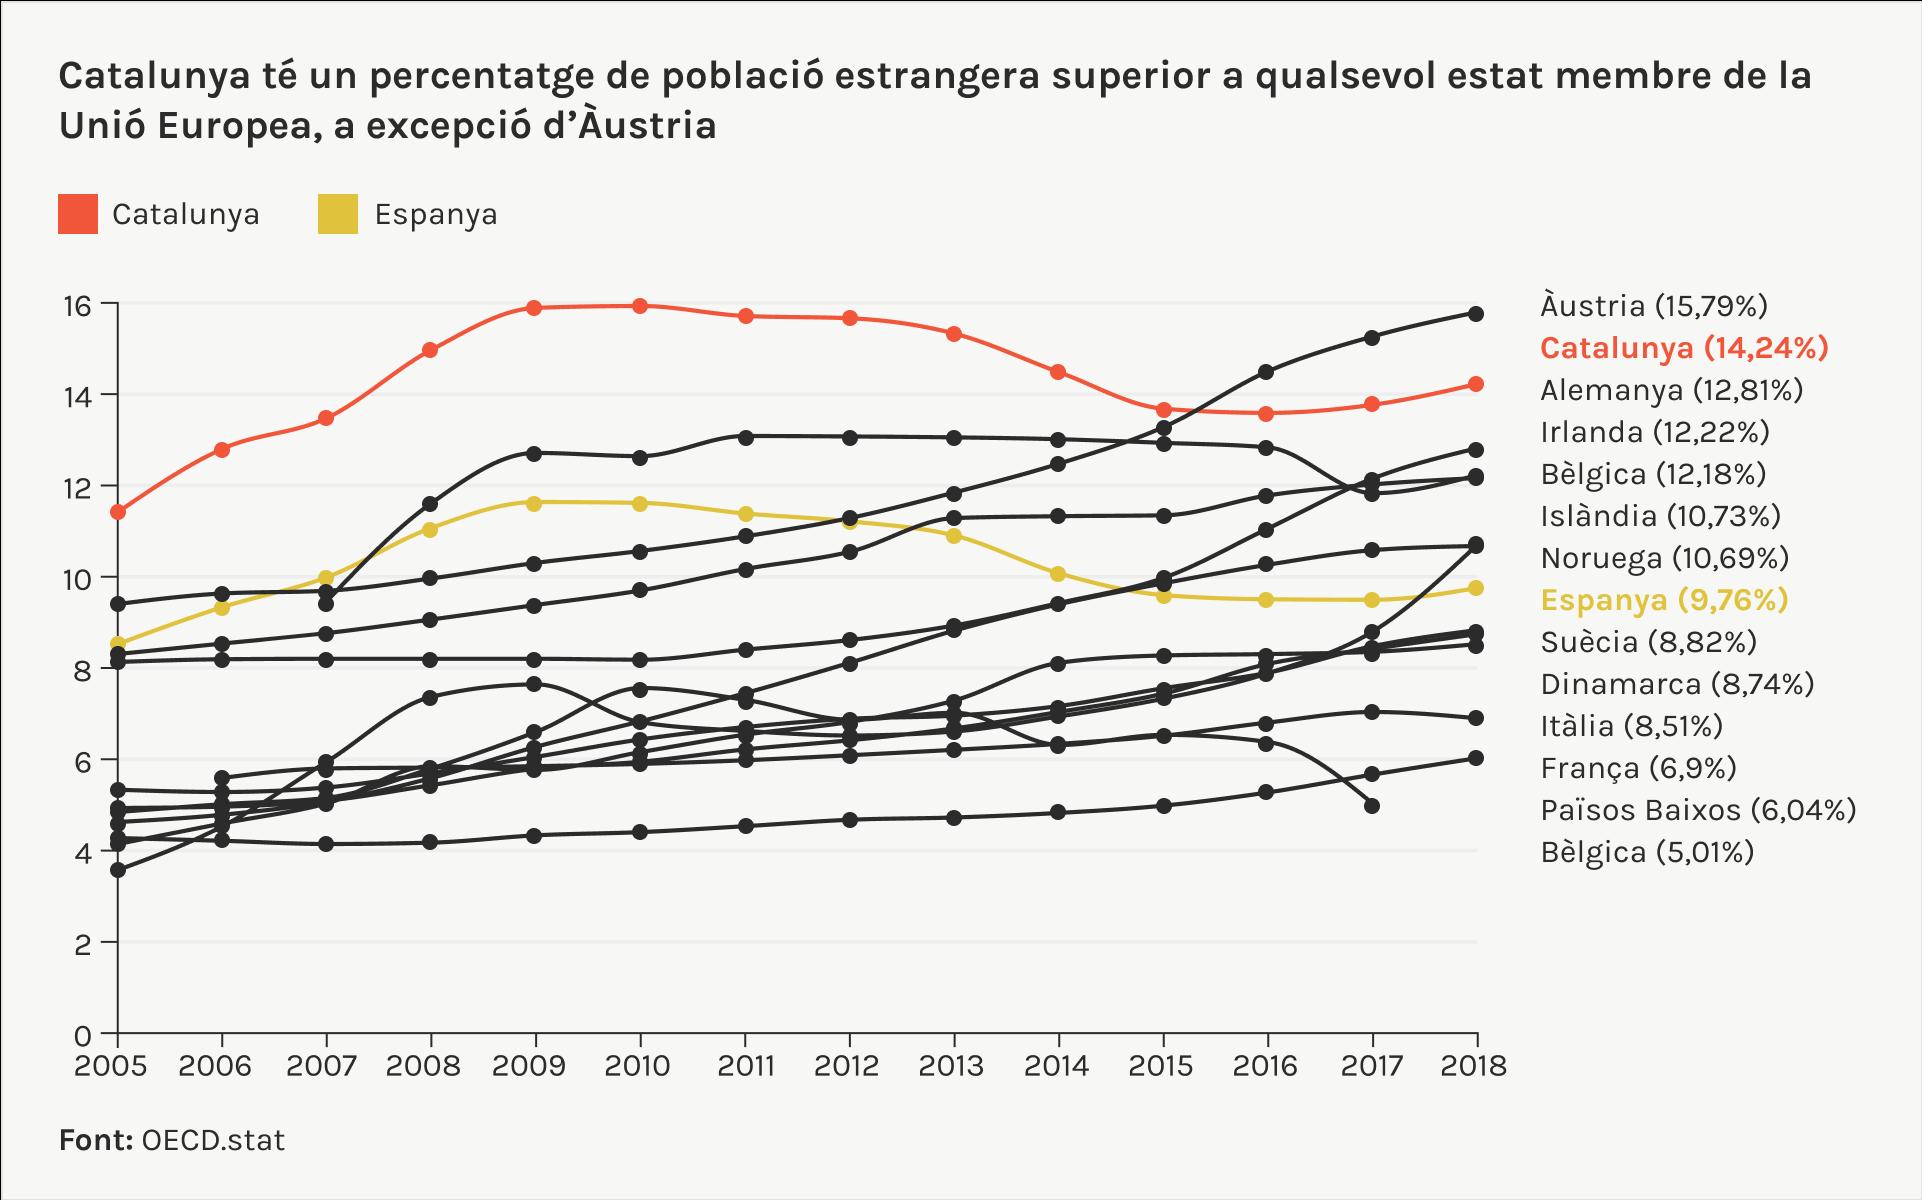 %poblacio estrangera a Catalunya